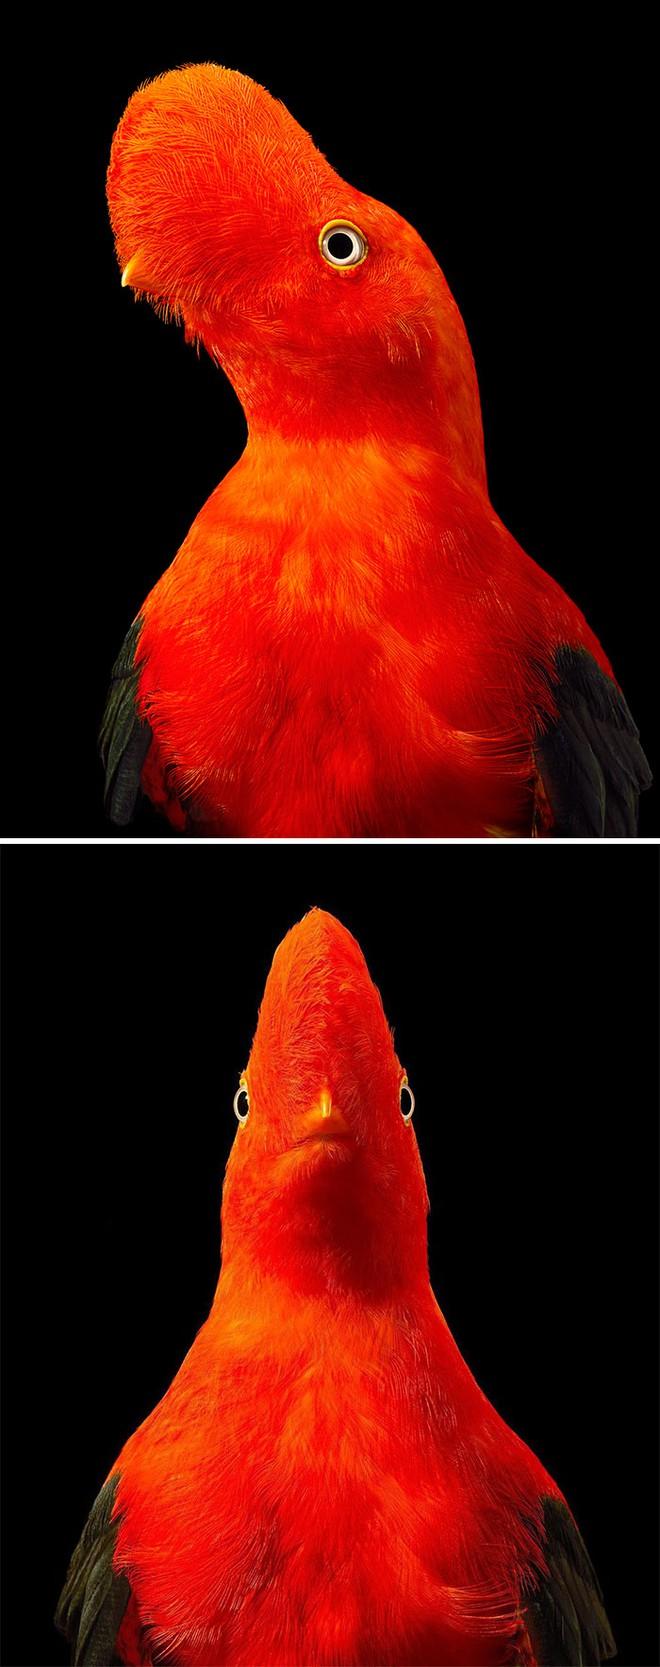 Chân dung các loài chim quý hiếm, tuy đơn giản nhưng lại tuyệt đẹp - Ảnh 18.